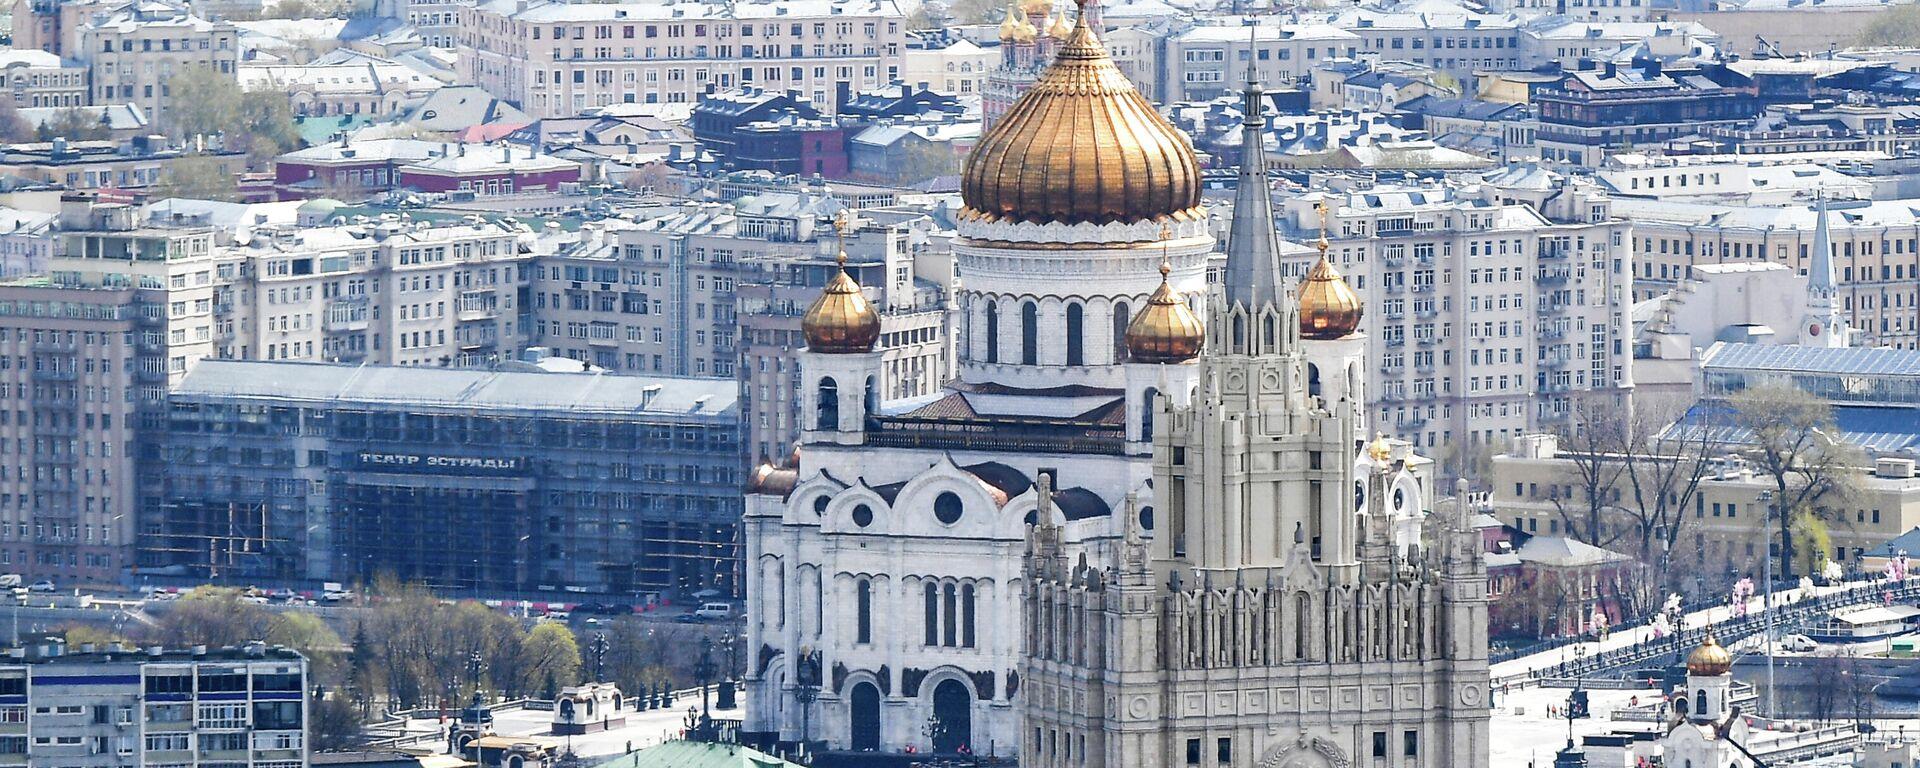 Υπουργείο Εξωτερικών της Ρωσίας - Sputnik Ελλάδα, 1920, 20.05.2021